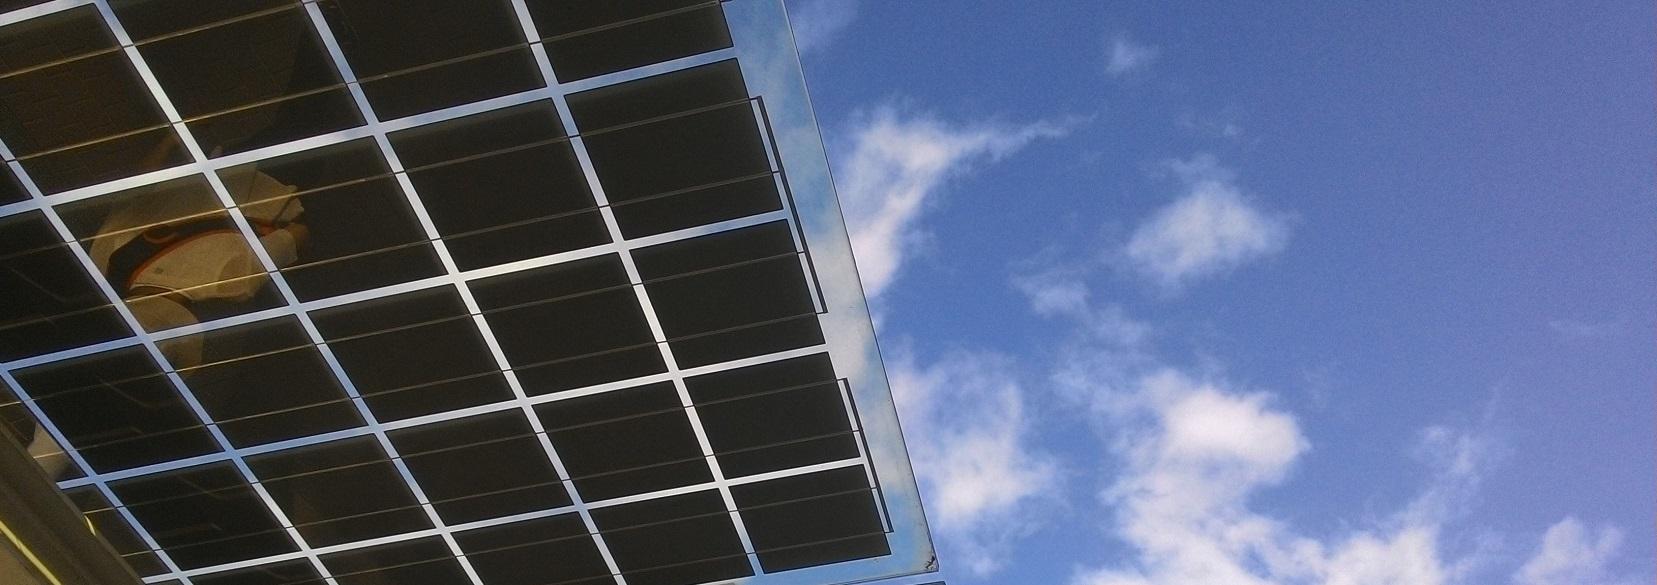 Photovoltaik-Handbuch jetzt erhältlich – Electrosuisse